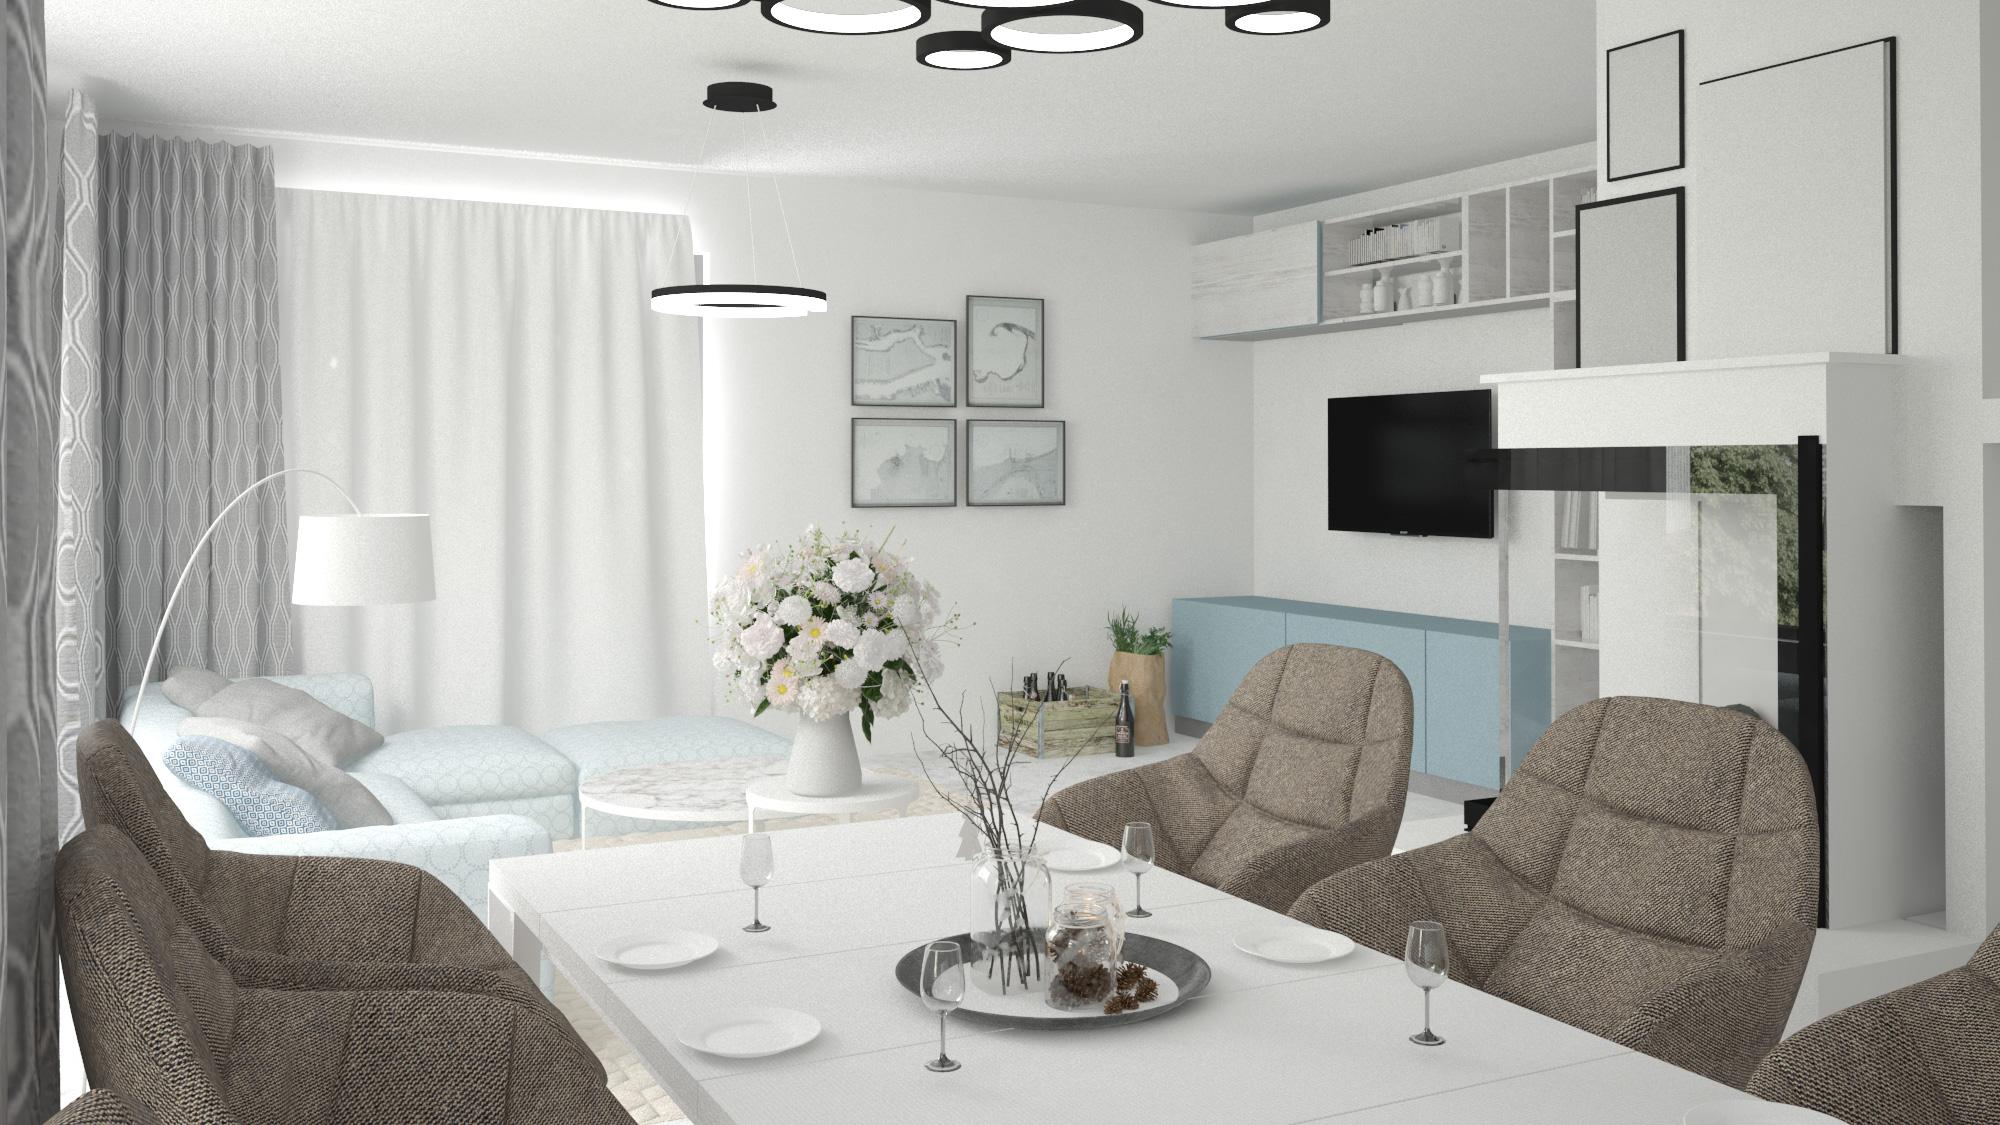 reflex-architecture-amaneajare-interioara-living-9